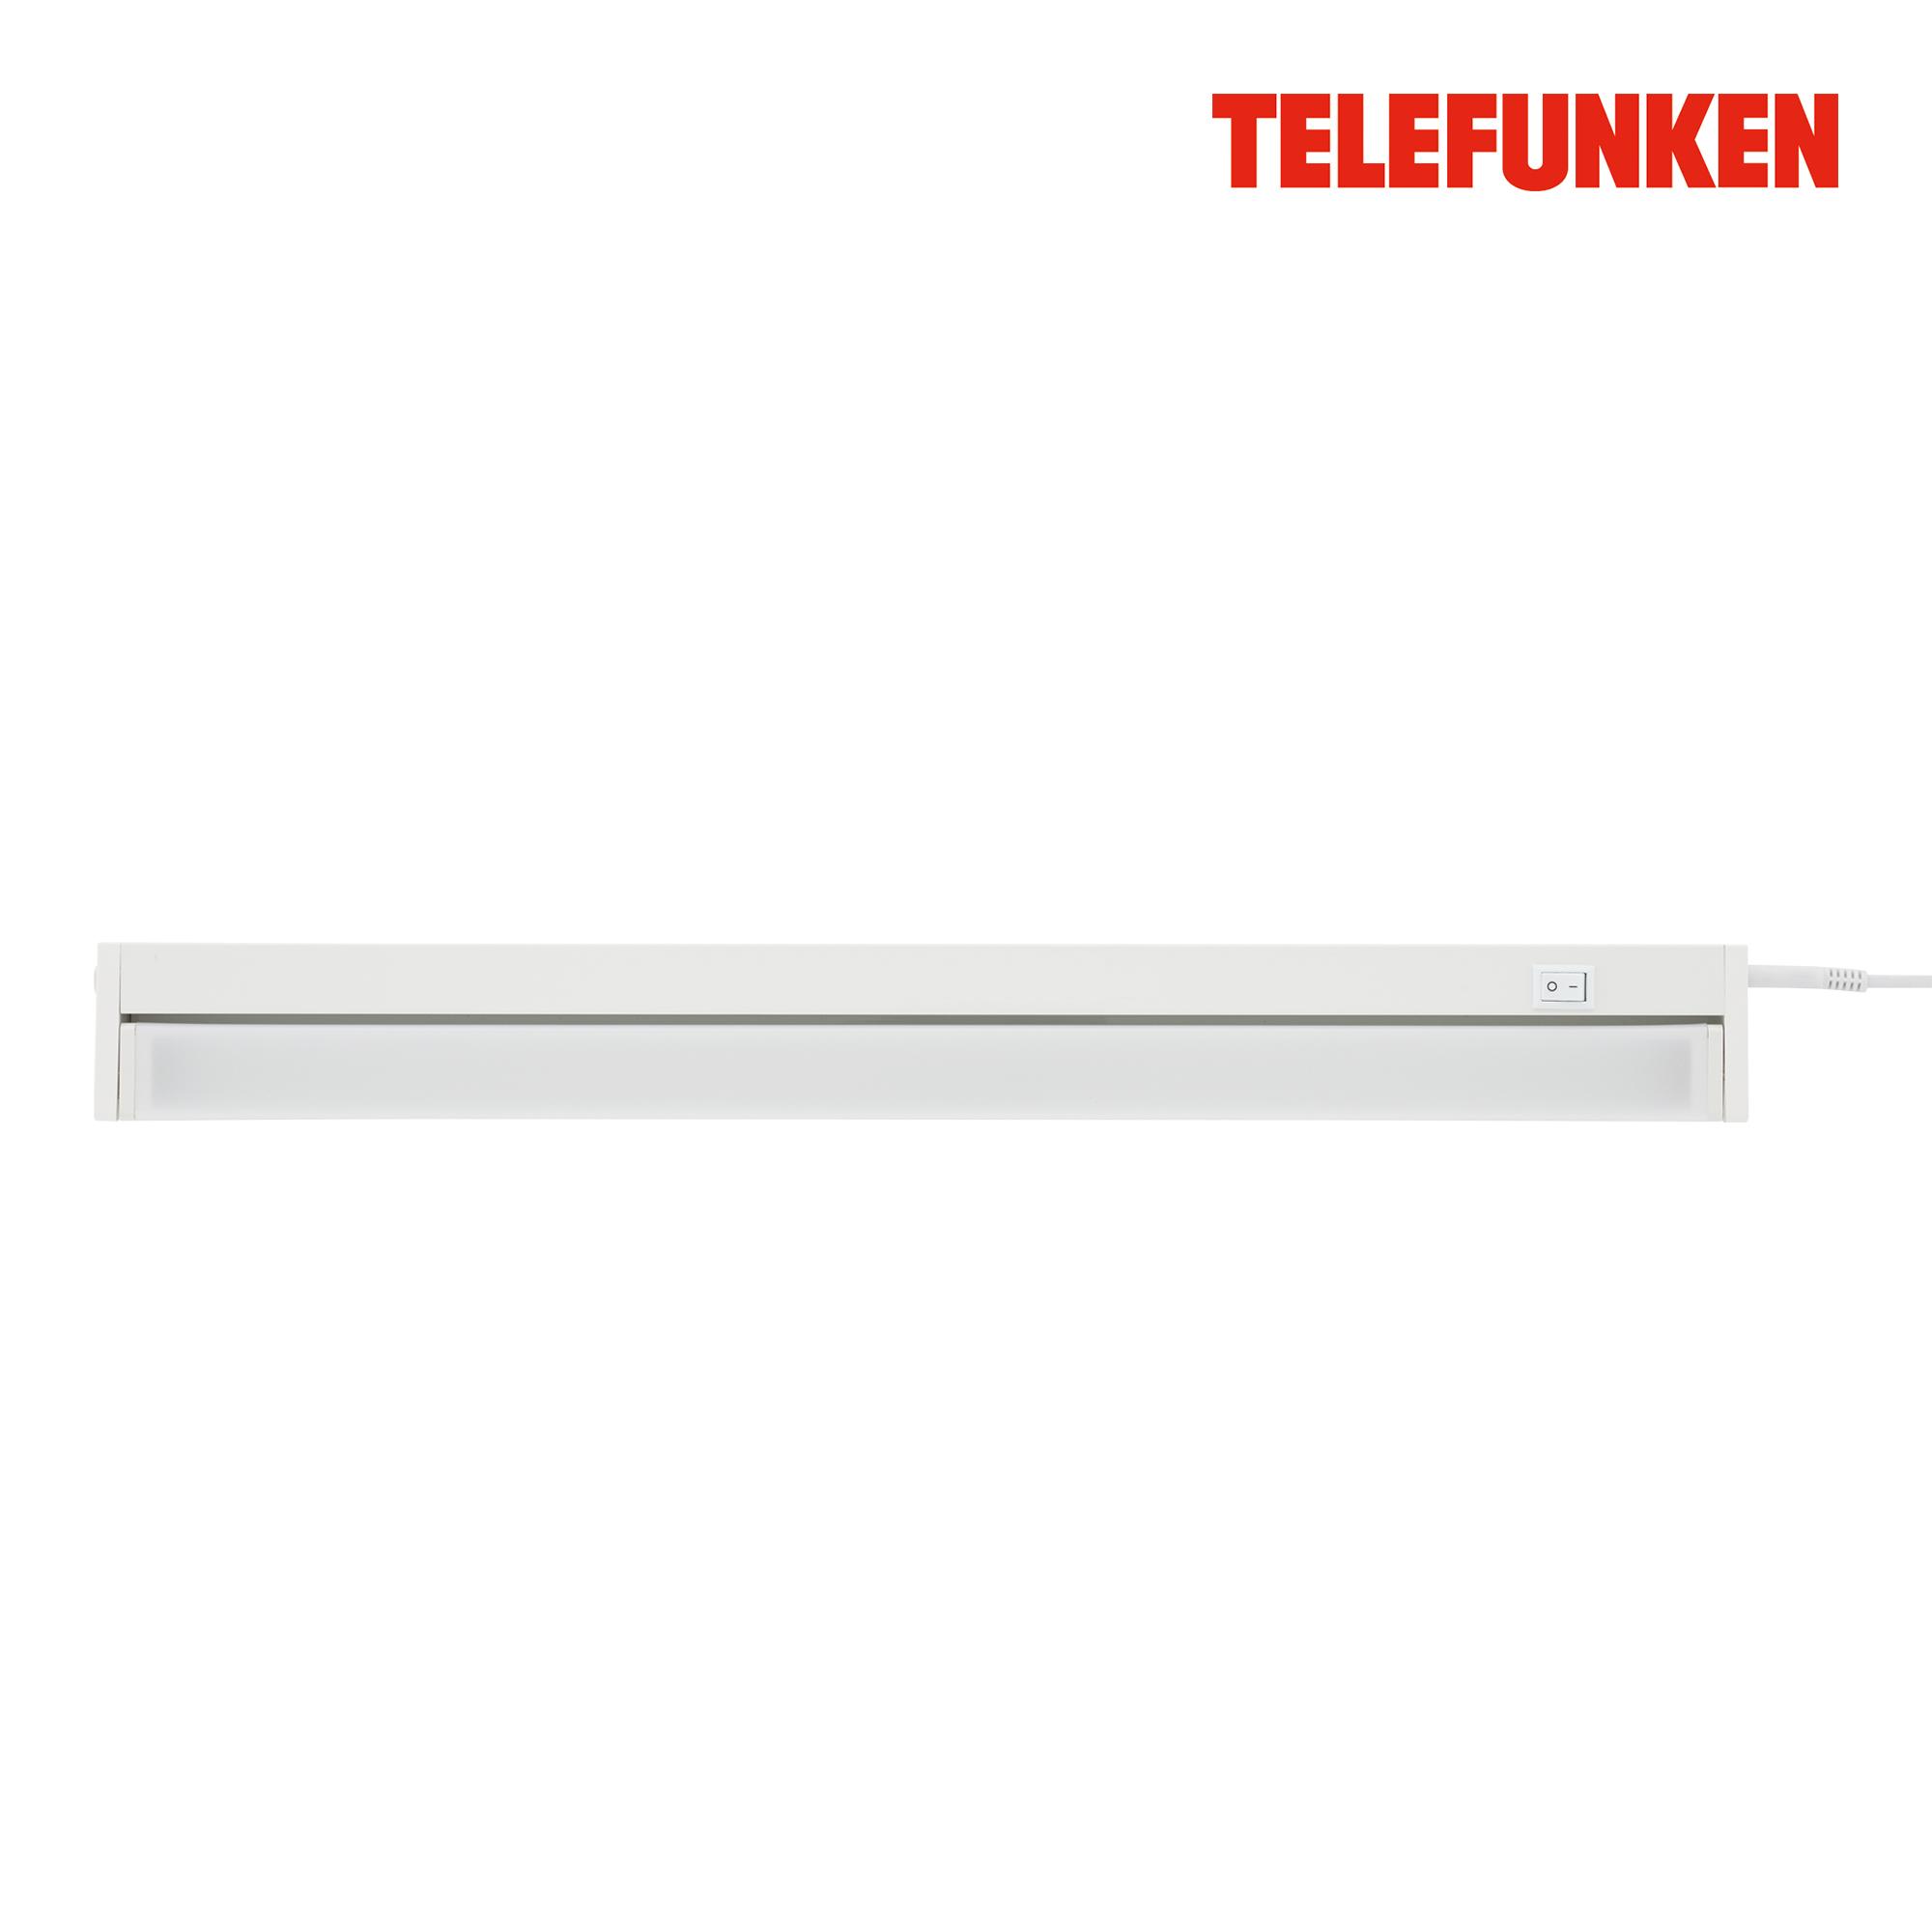 TELEFUNKEN LED Unterbauleuchte Weiß